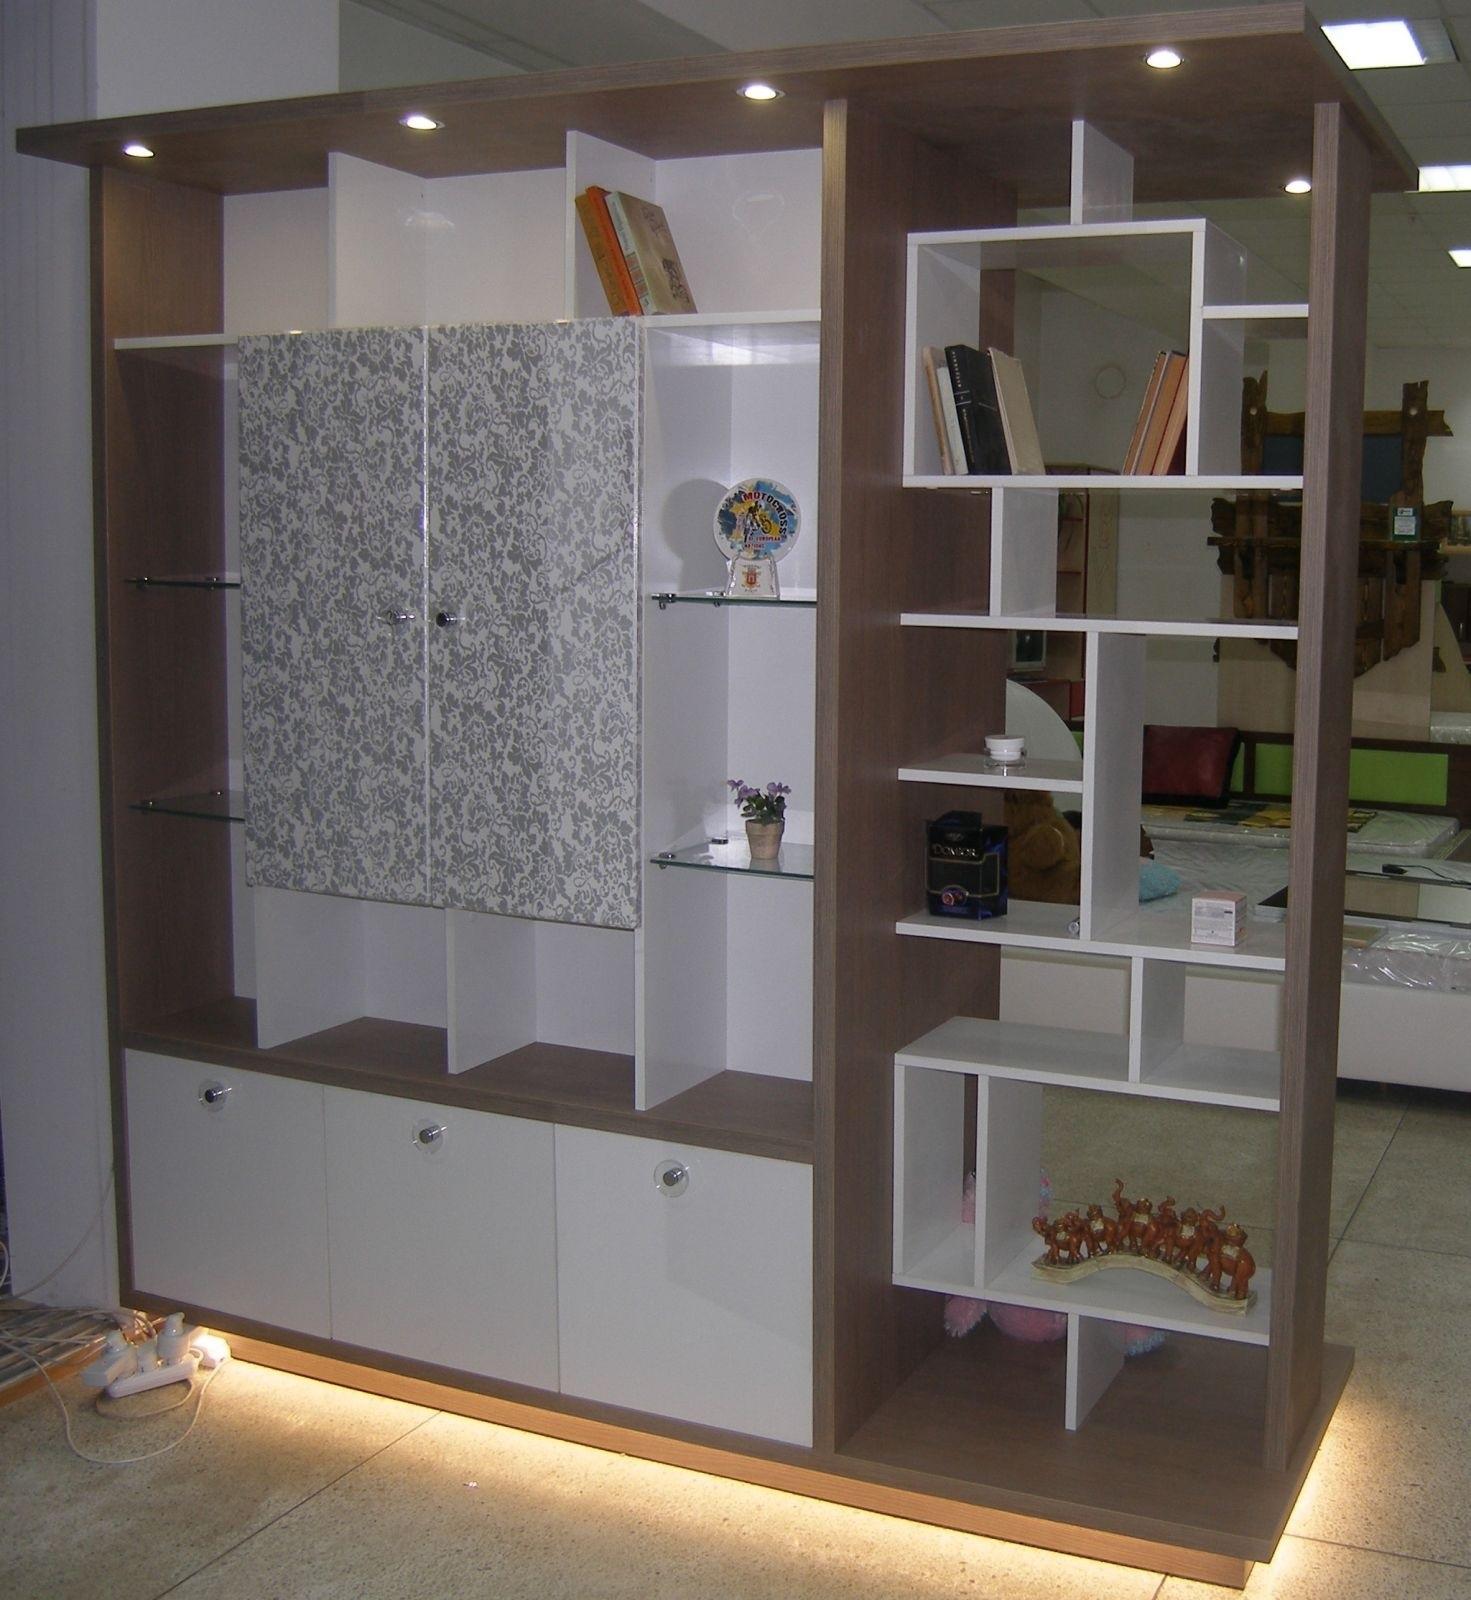 Шкаф перегородка для разделения комнаты своими руками.